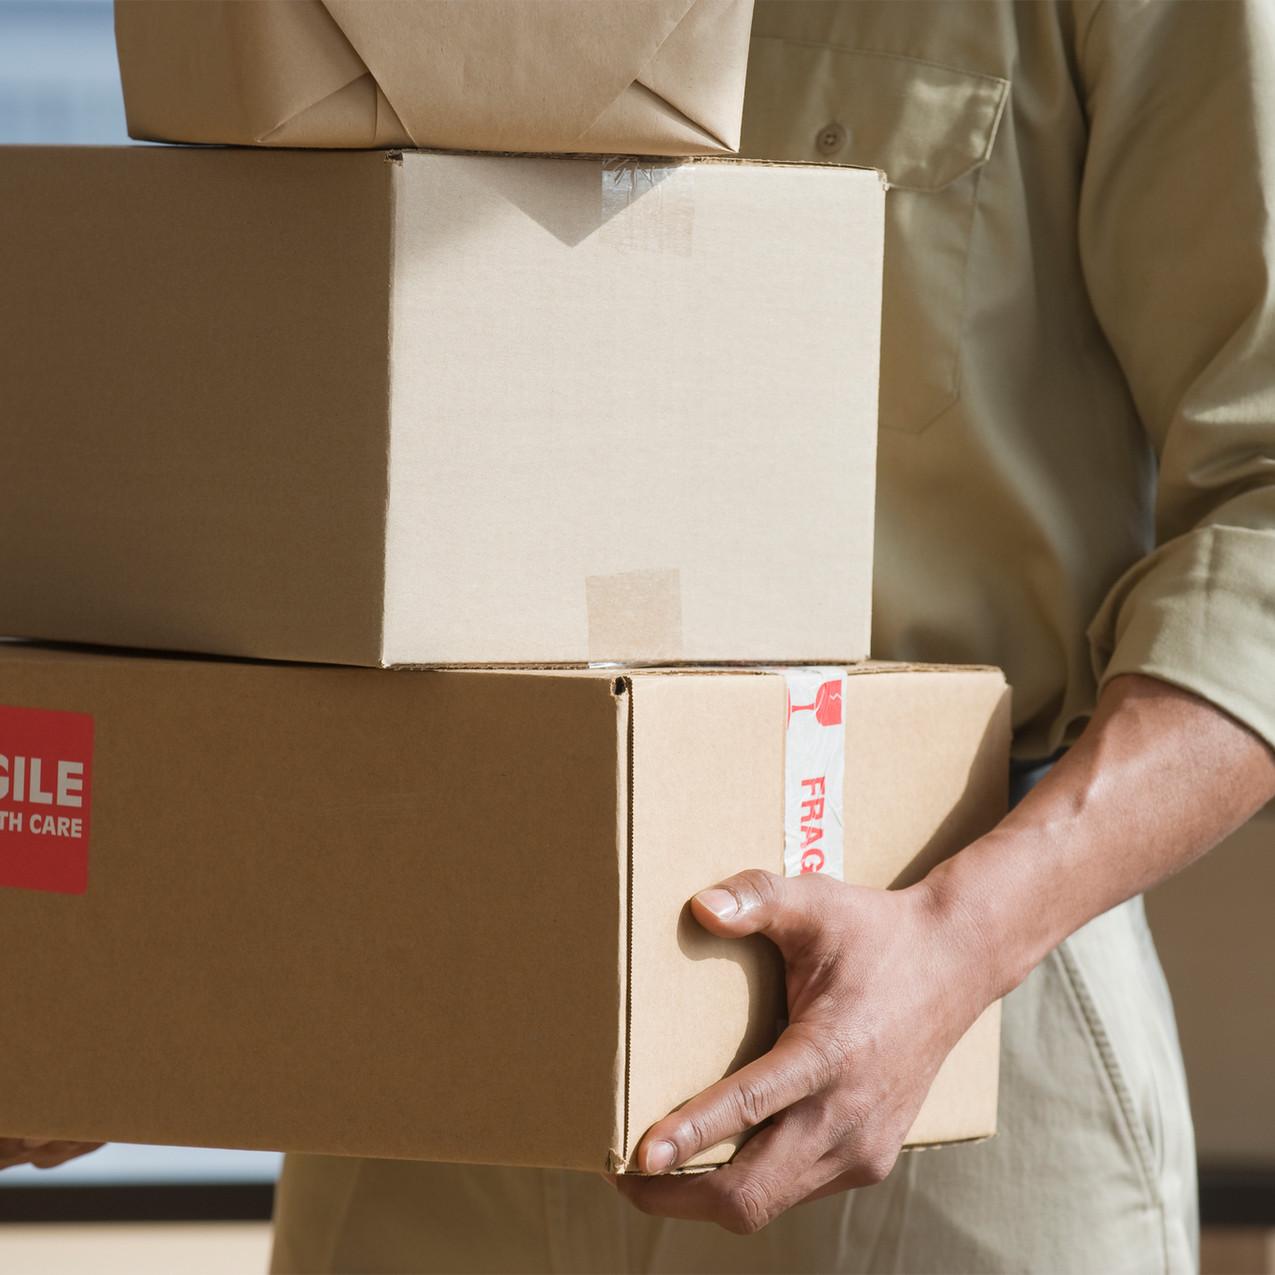 Entrega-Hands-holding-caixas